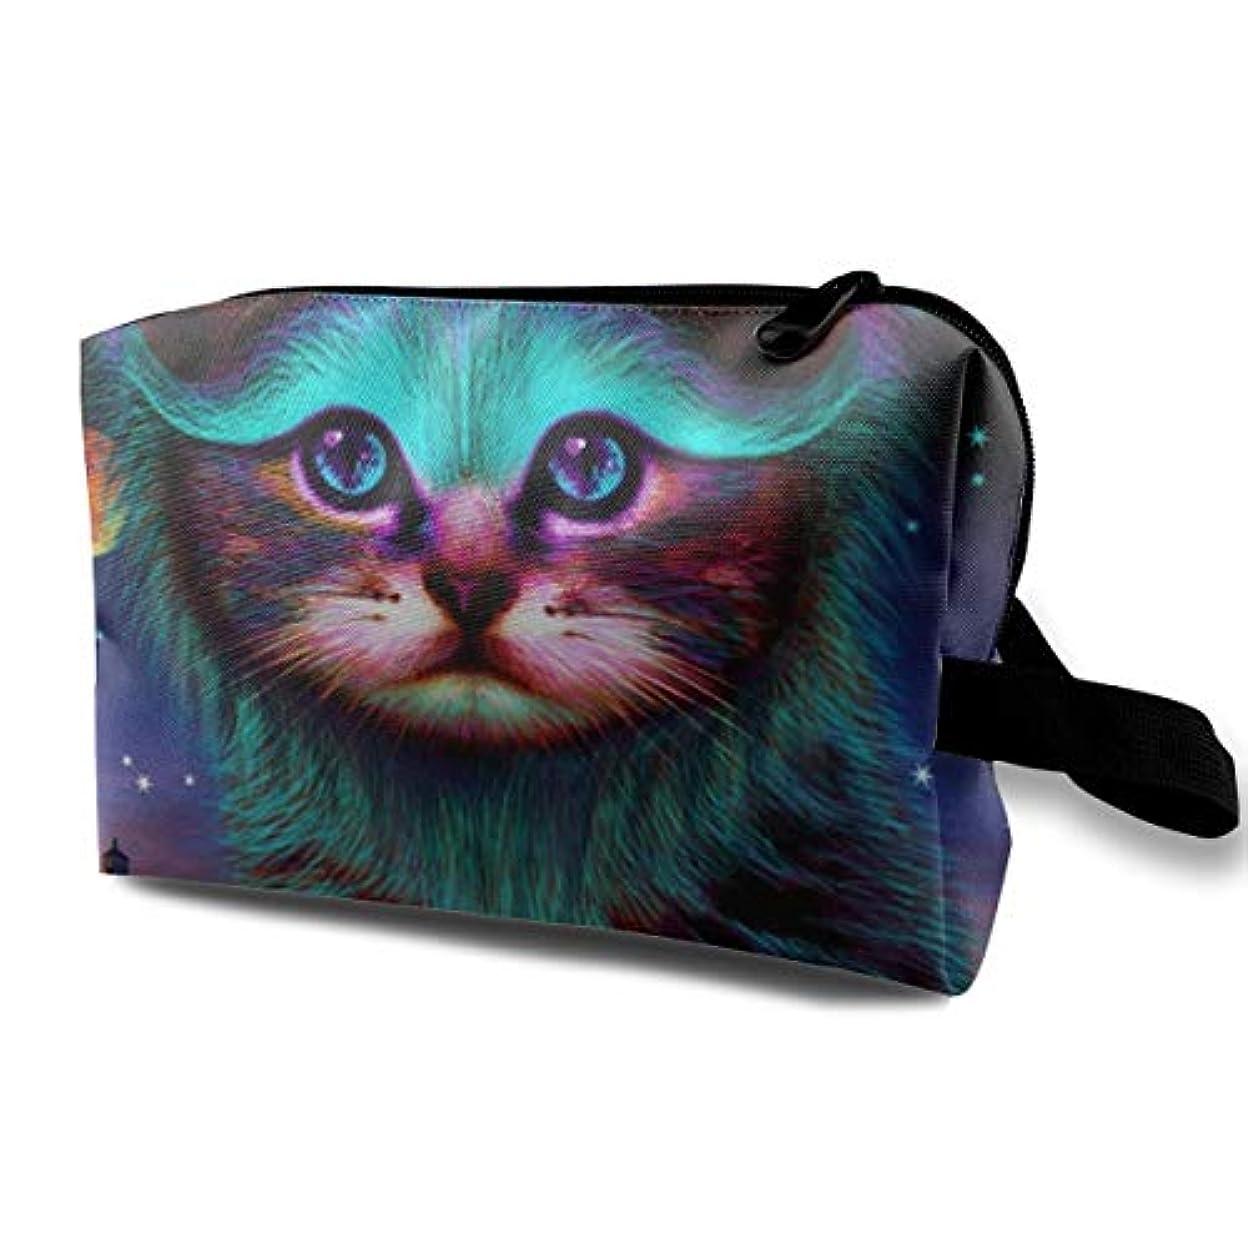 署名航空機アリーナCute Rainbow Galaxy Kitten 収納ポーチ 化粧ポーチ 大容量 軽量 耐久性 ハンドル付持ち運び便利。入れ 自宅?出張?旅行?アウトドア撮影などに対応。メンズ レディース トラベルグッズ